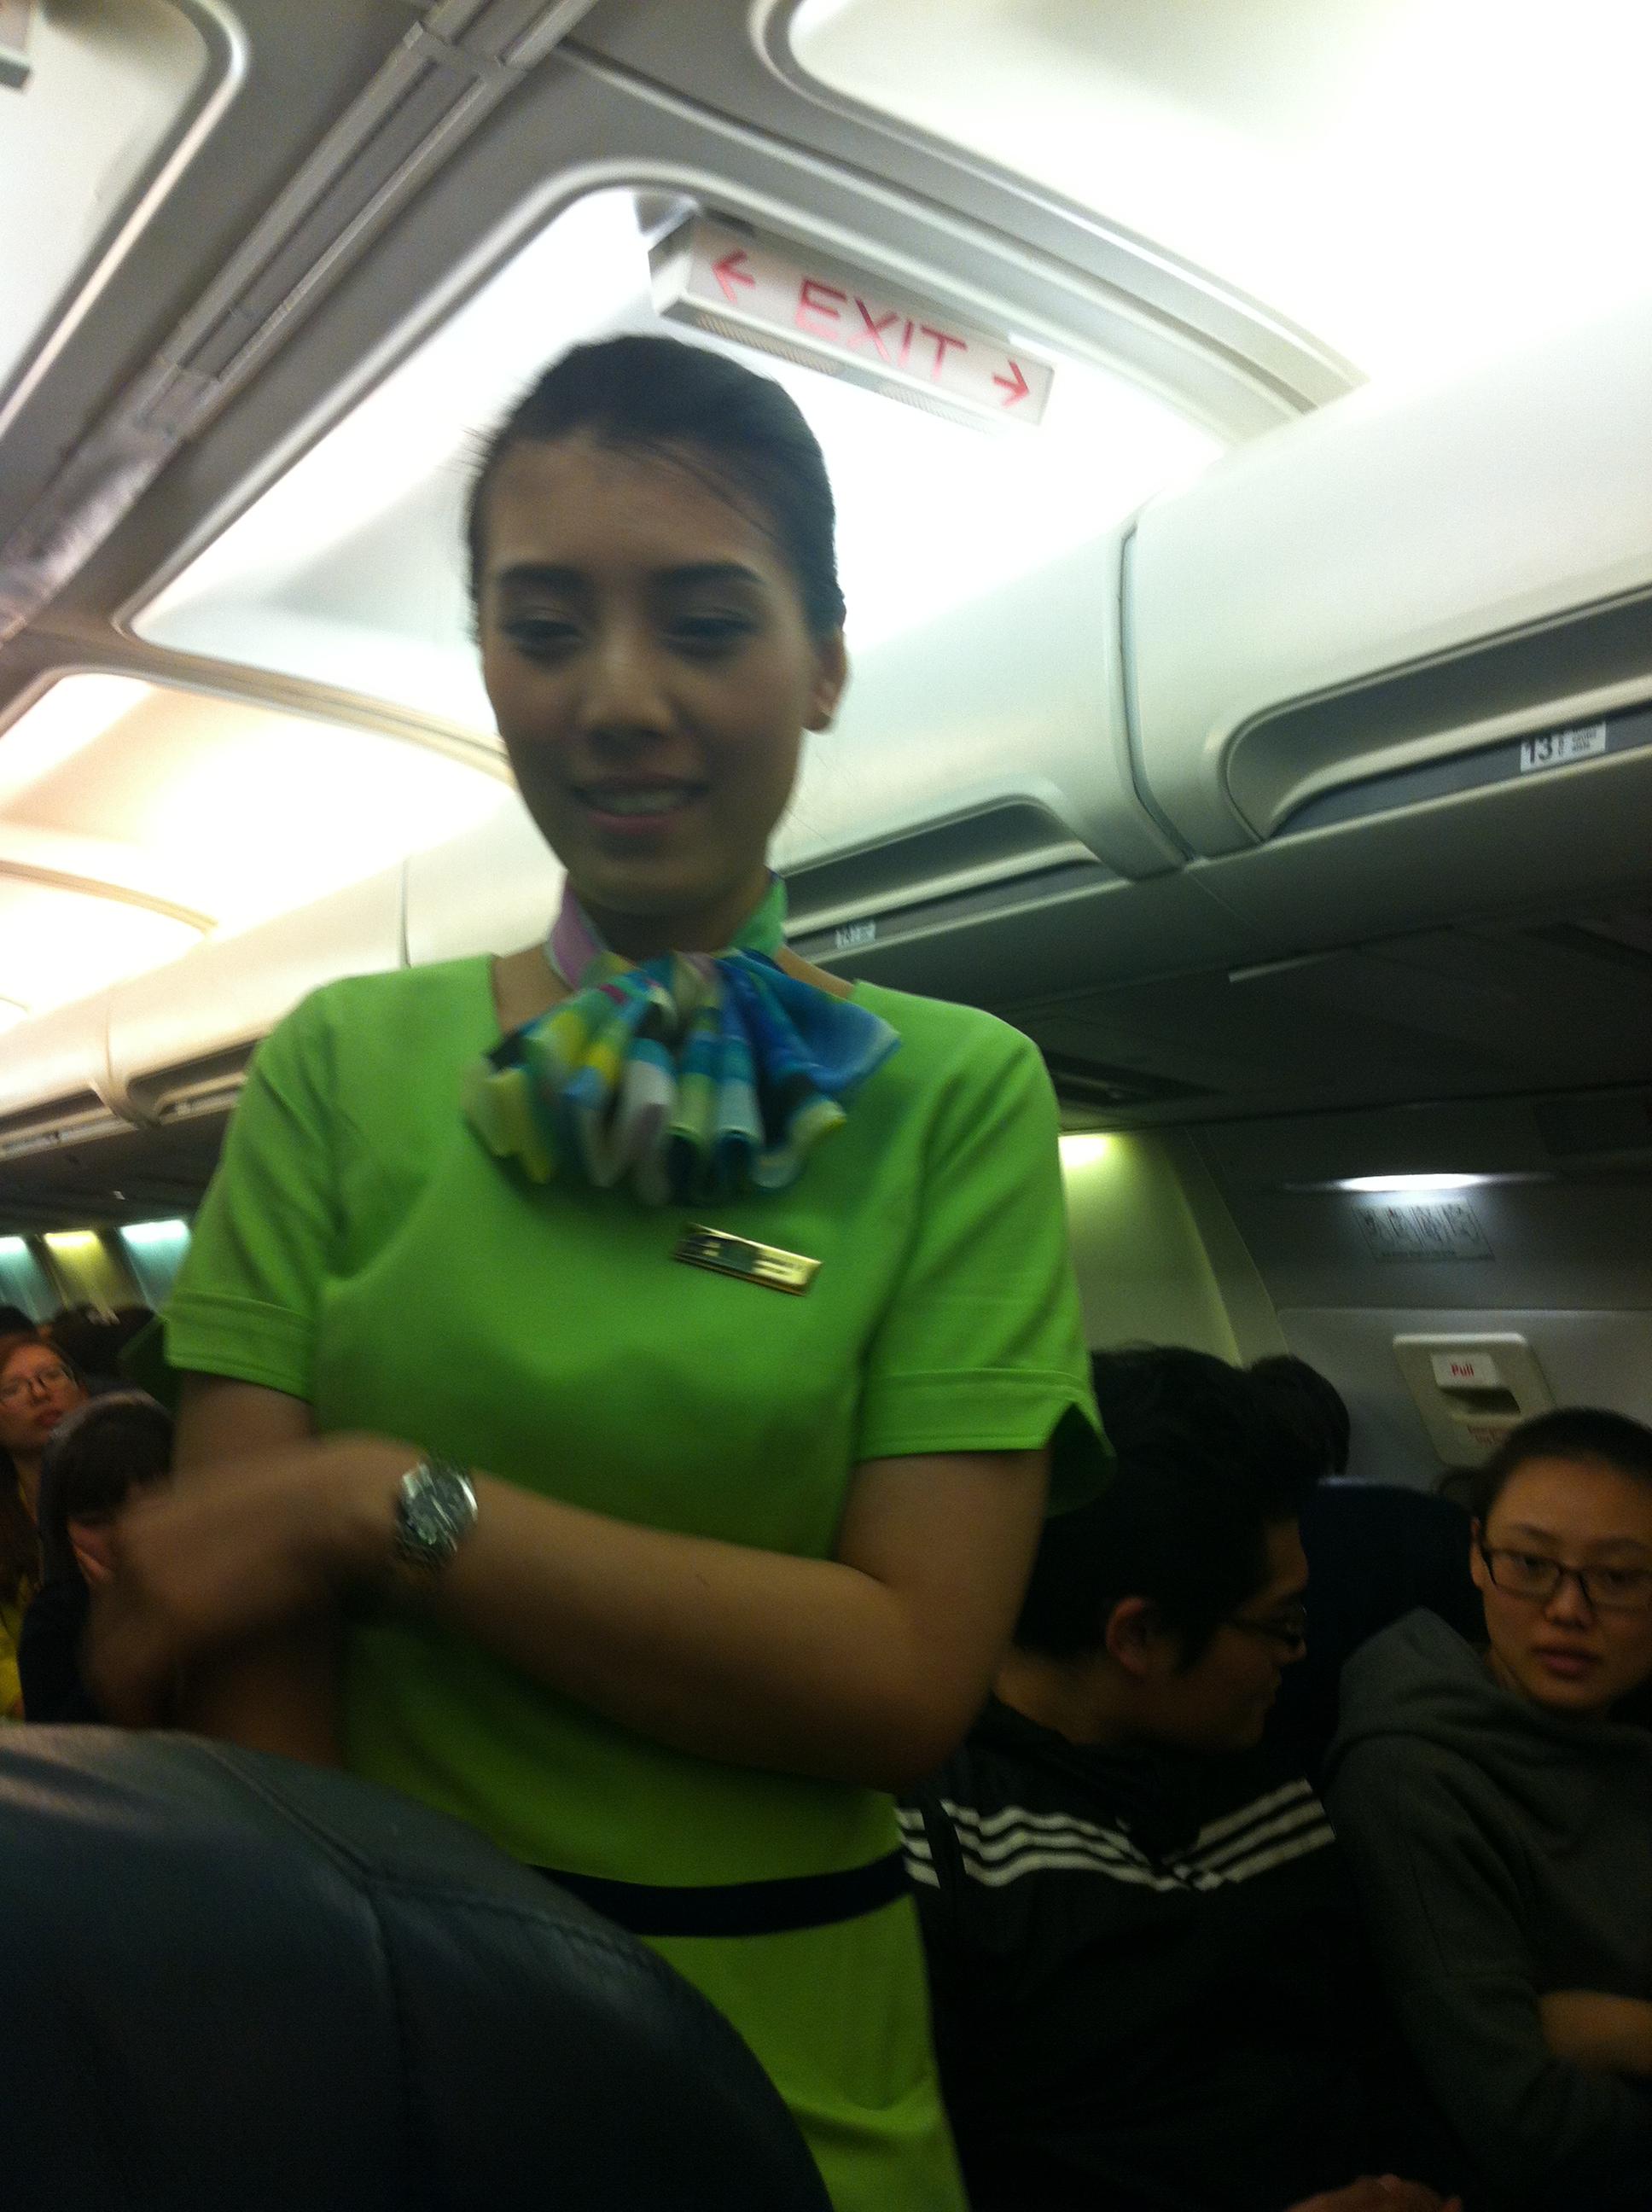 我们坐在泰国航空公司的飞机